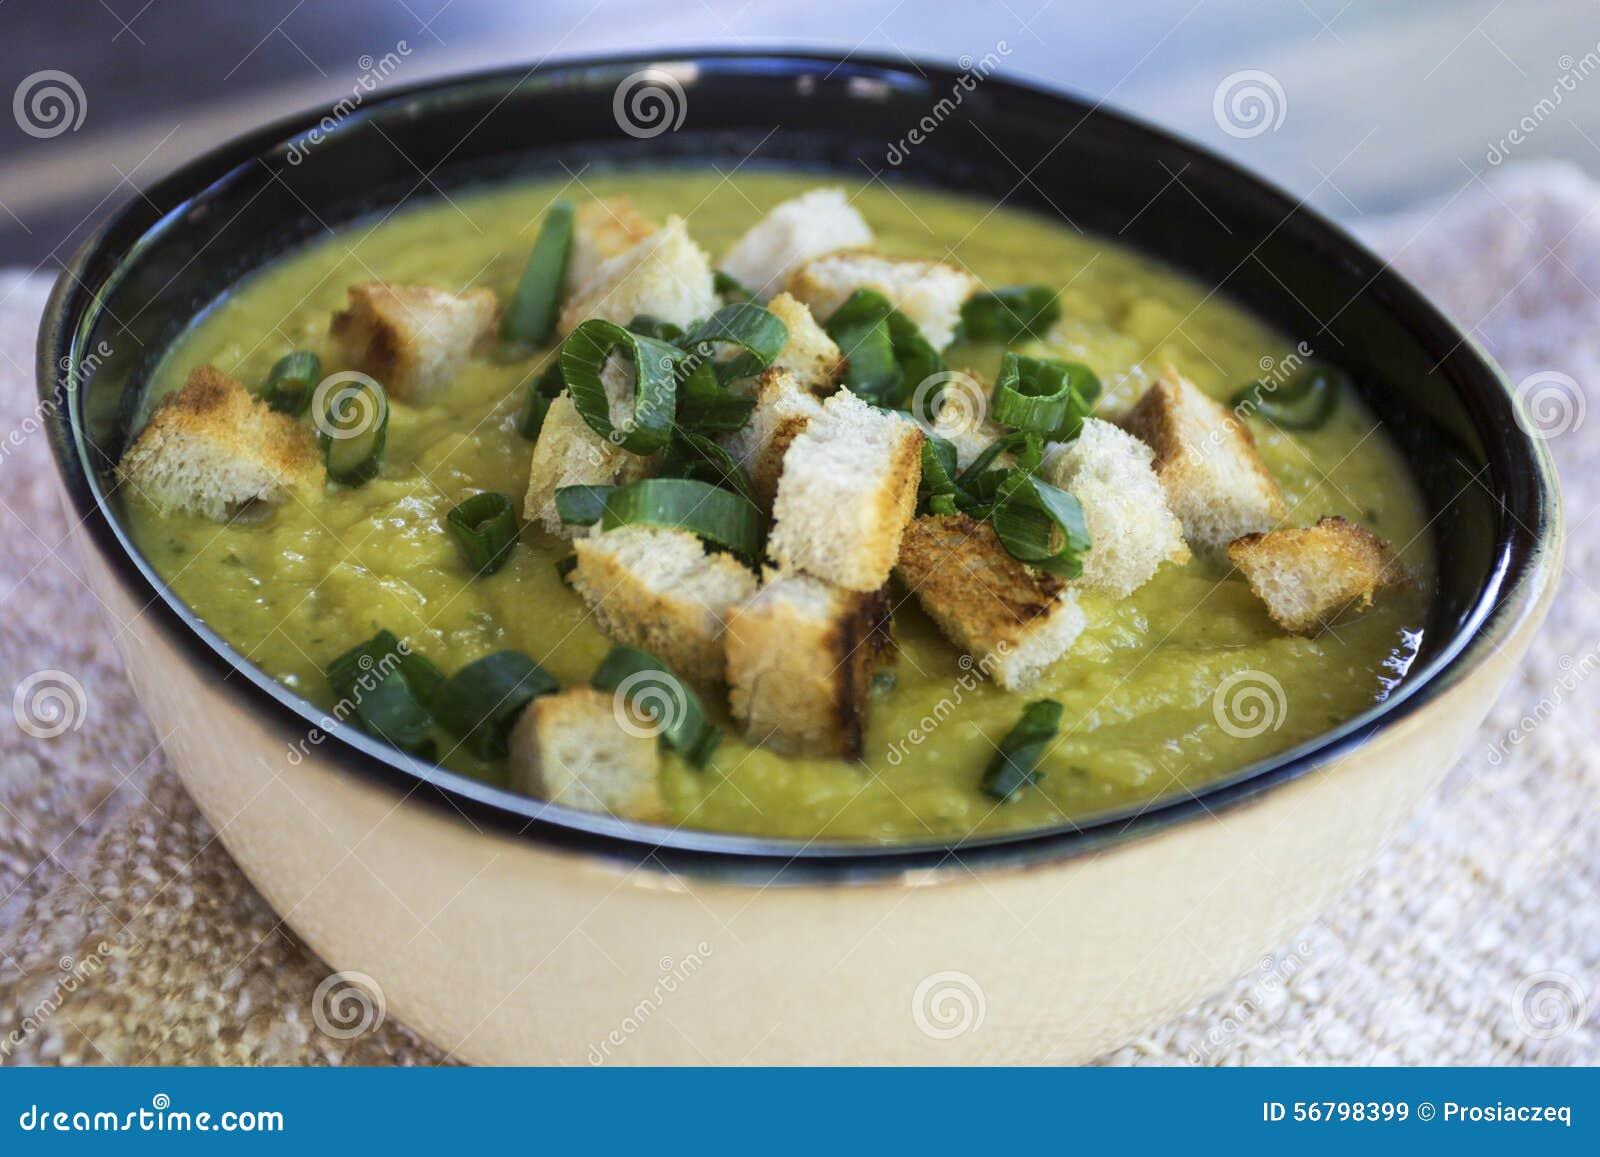 Creamy Lentil Soup Stock Photo - Image: 56798399